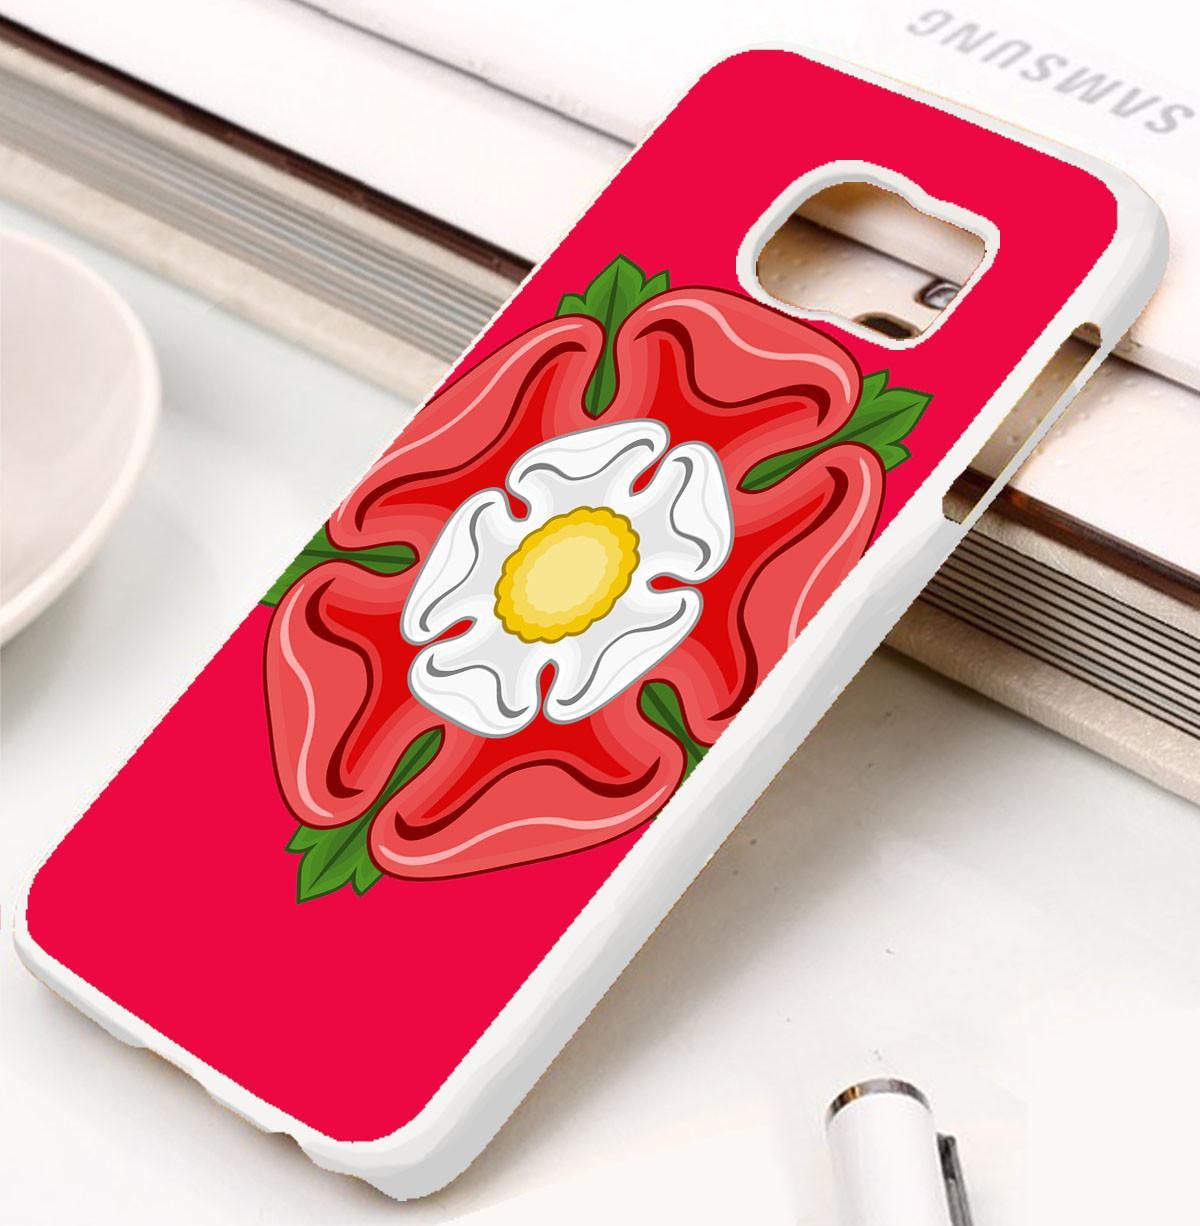 tudor iphone 6s cases